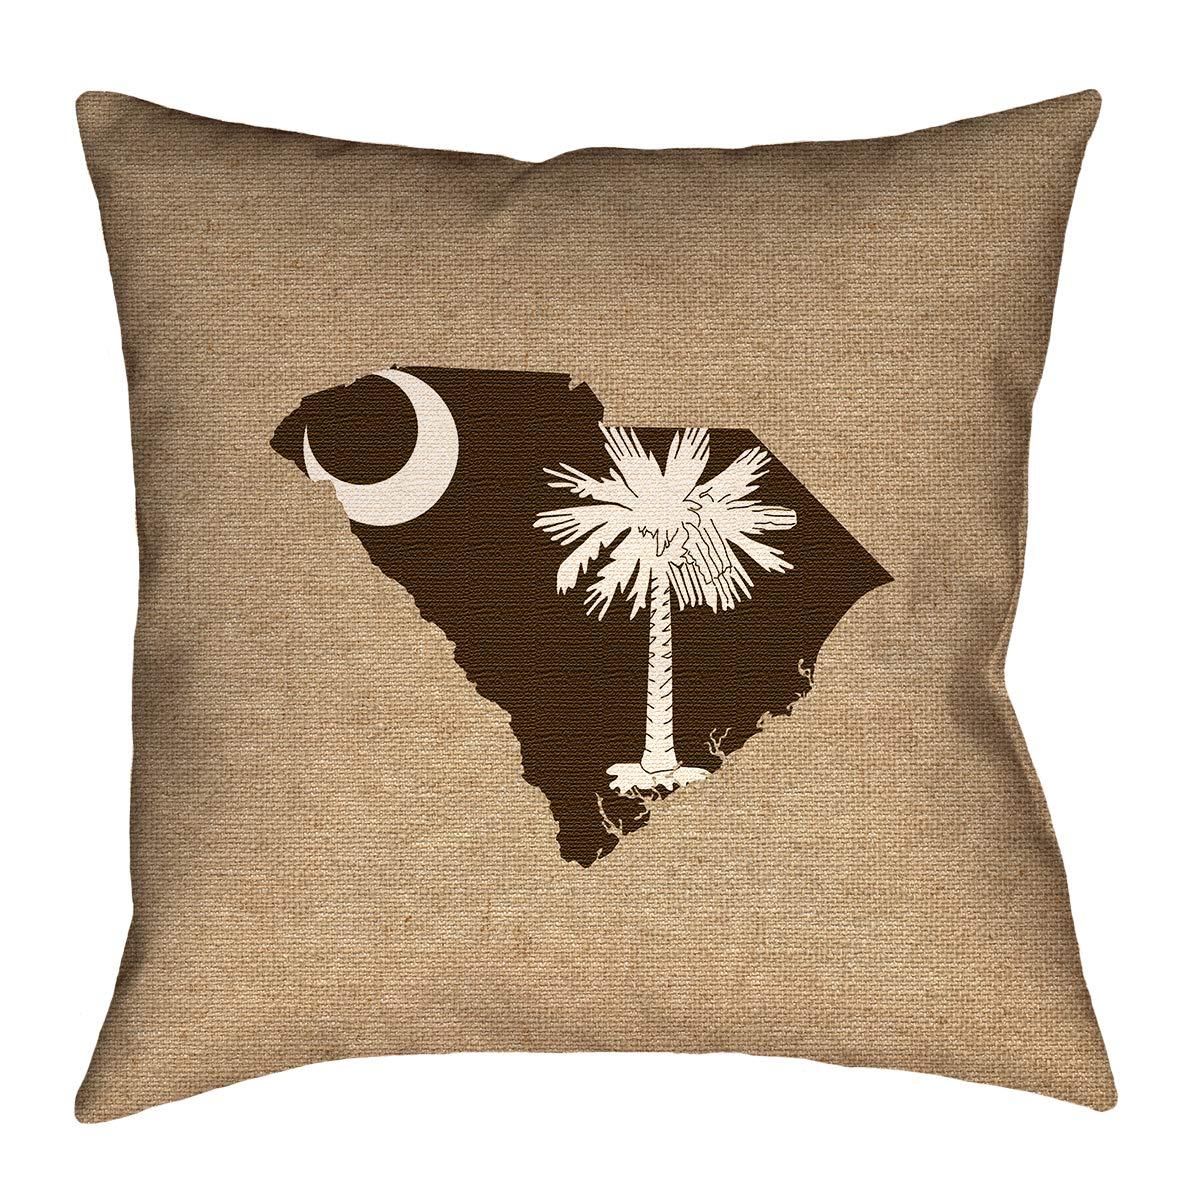 ArtVerse Katelyn Smith 14 x 14 Spun Polyester Michigan Love Pillow